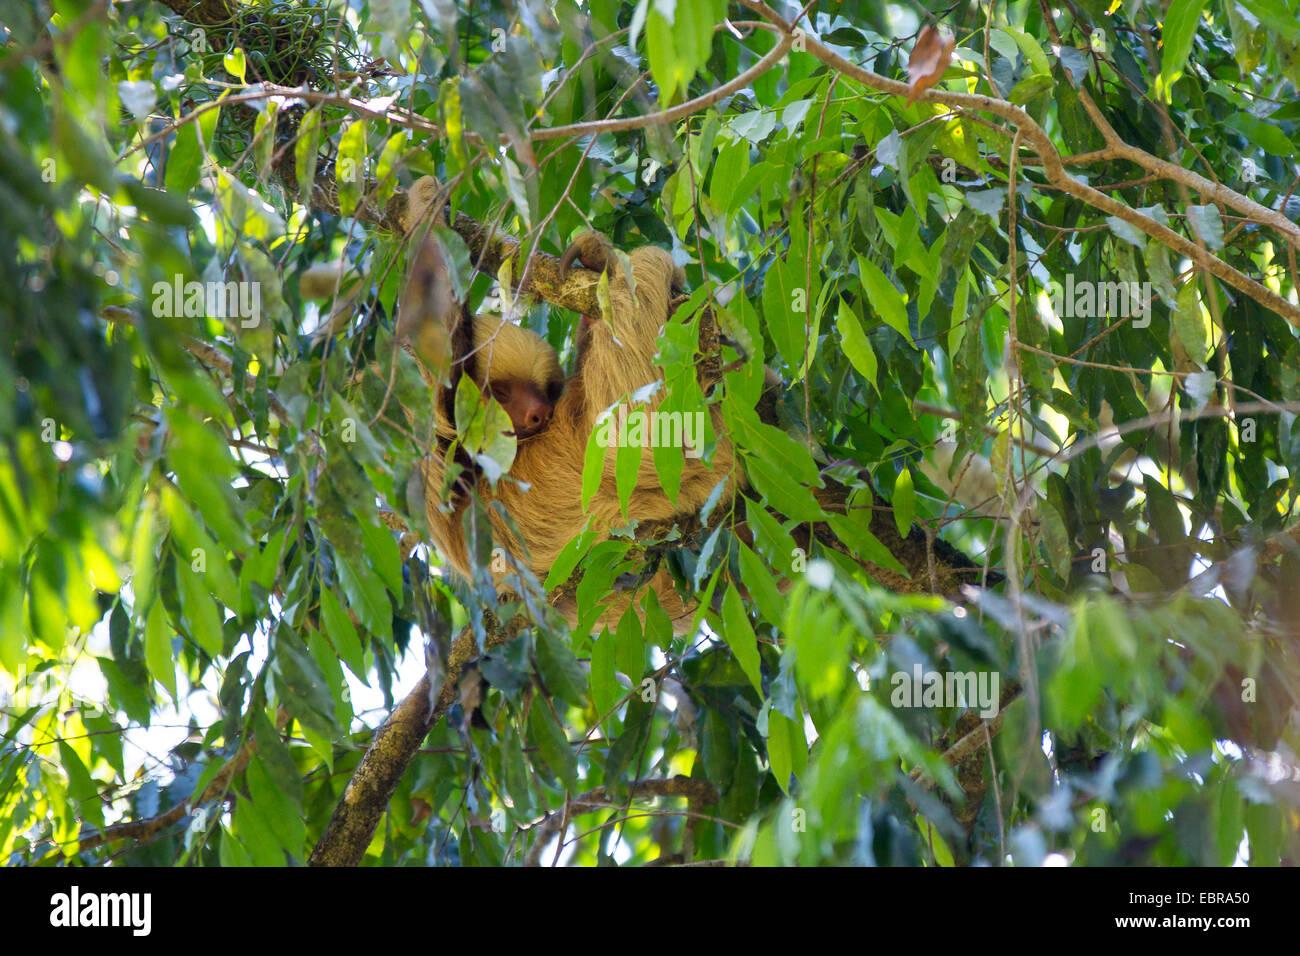 Linnaeus' dos dedos cada sloth (Choloepus didactylus), colgando en una rama de un árbol corona, Costa Rica Foto de stock